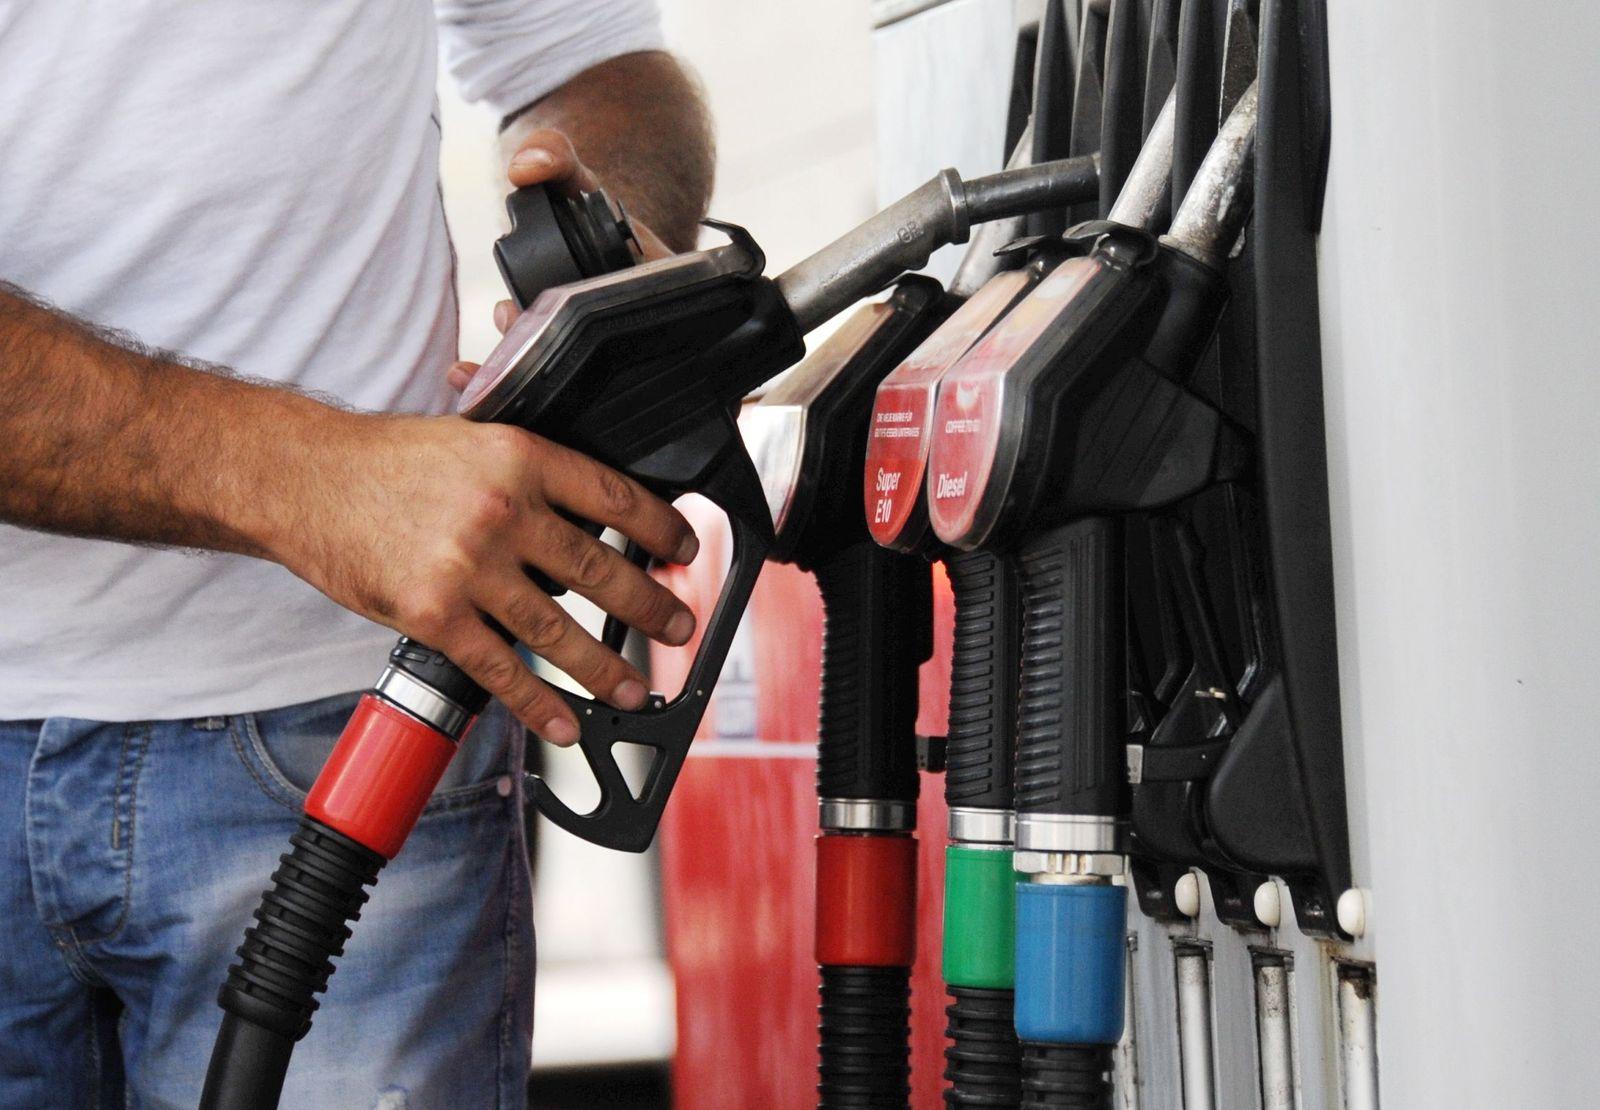 Benzinpreis / Zapfsäule / Ölpreis